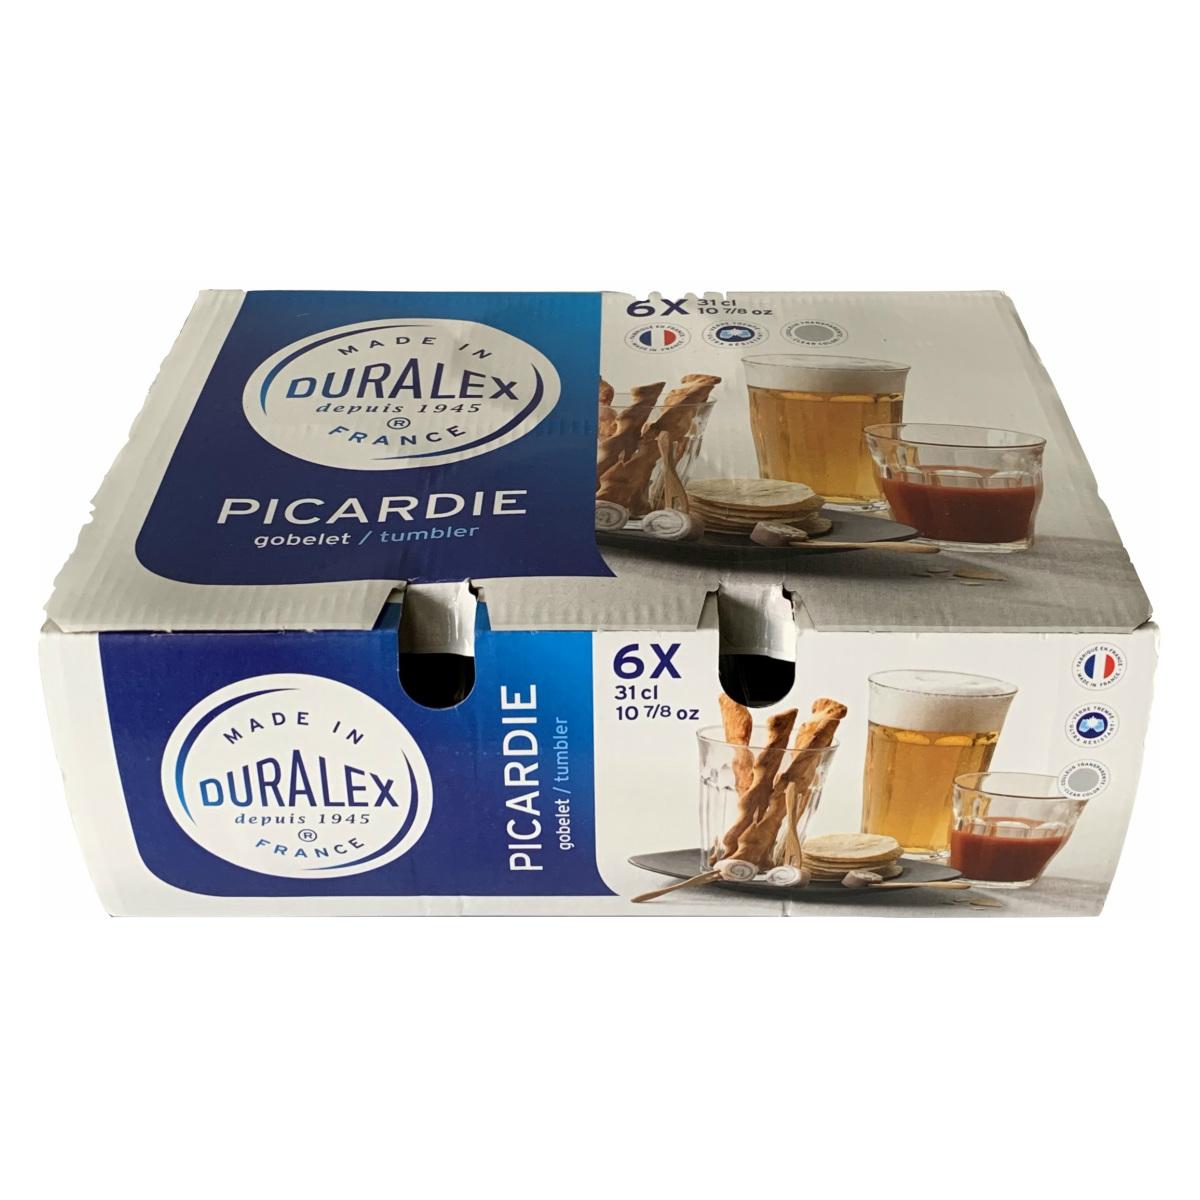 DURALEX デュラレックス ピカルディー クリア フランス グラス 透明 310ml 割引食器 箱入り 6個セット 30%off 30%OFF テレビで話題 セール 迅速な対応で商品をお届け致します SALE